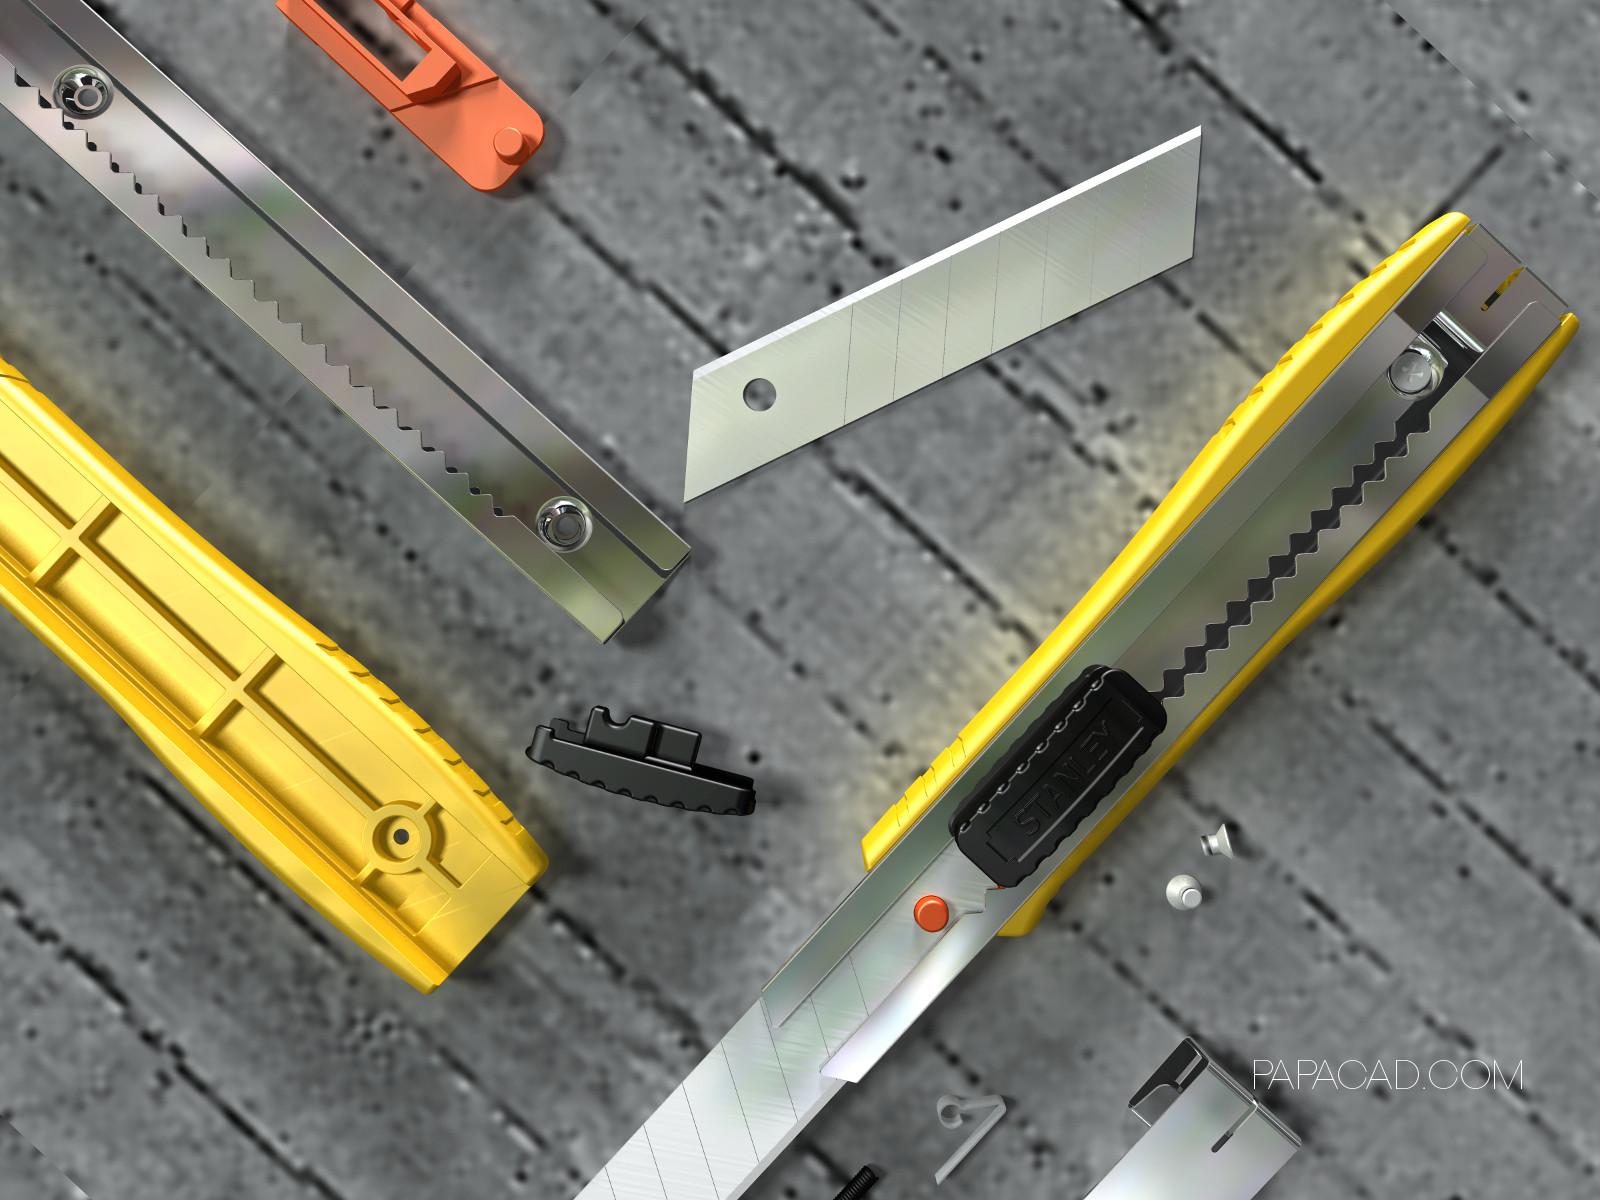 3D CAD models free - papacad.com